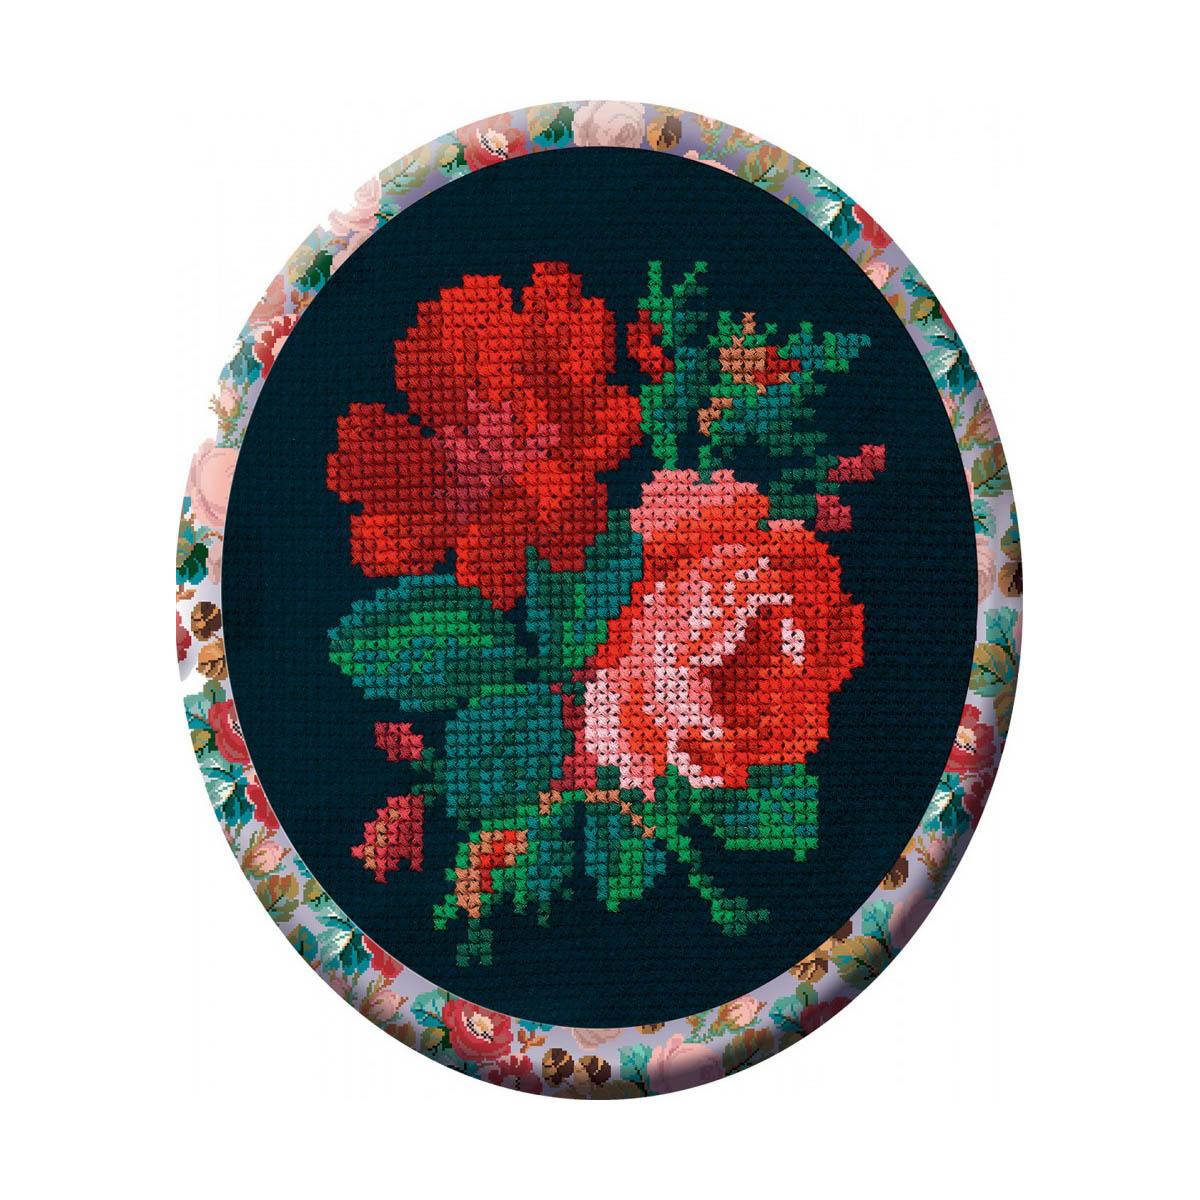 С017Н Набор для вышивания 'РС-Студия' 'Розы', 10*12 см фото